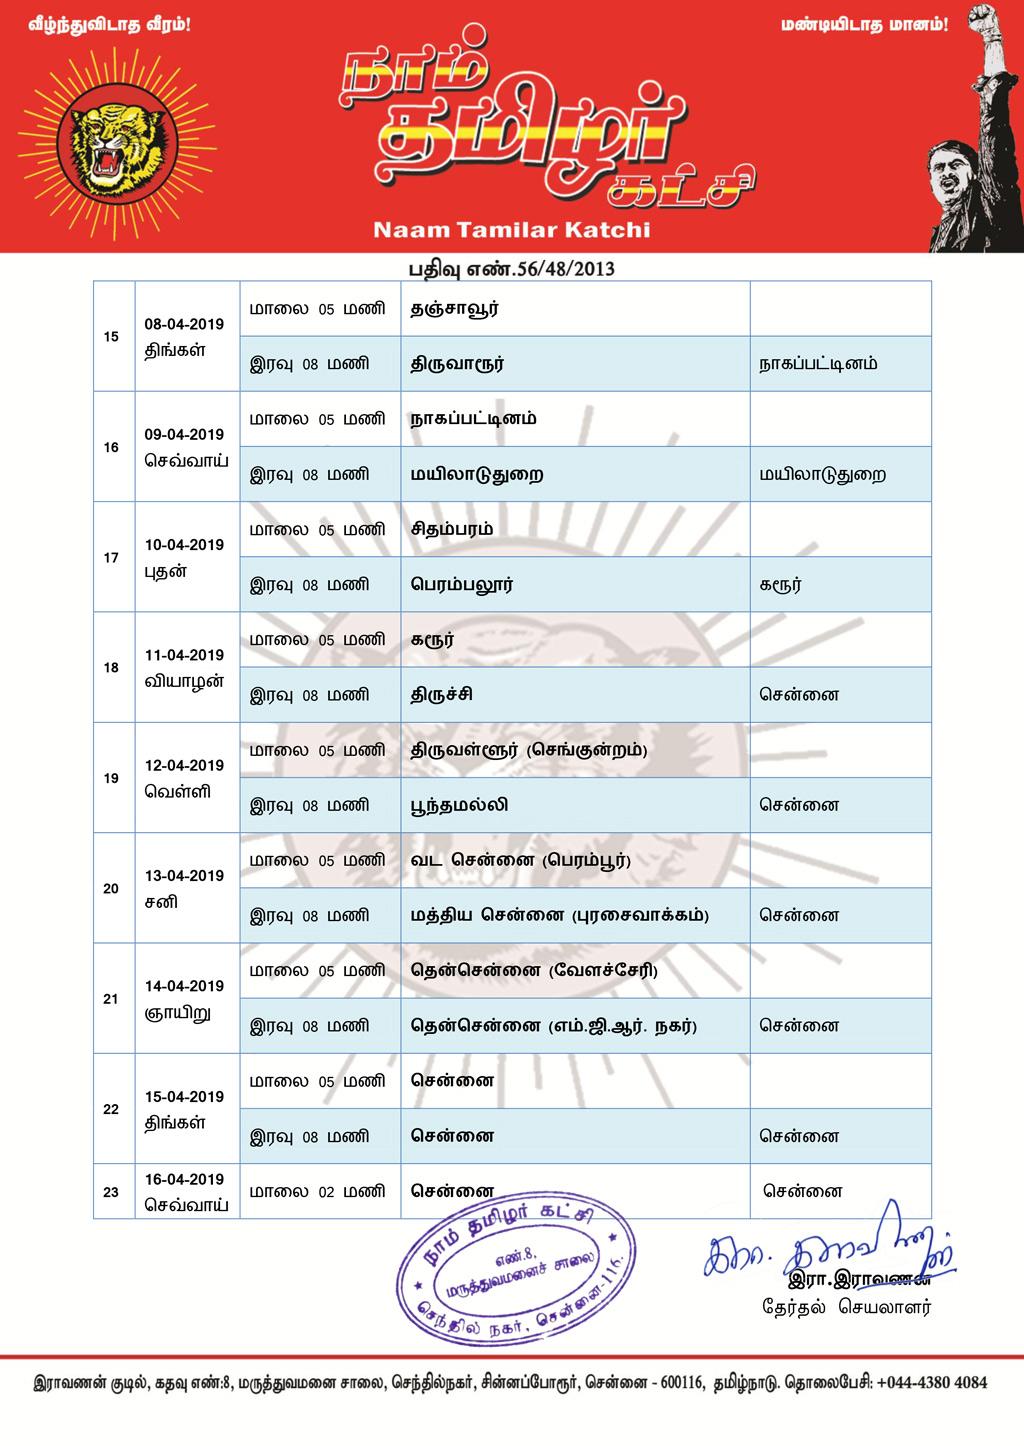 சுற்றறிக்கை: சீமான் தேர்தல் பரப்புரைப் பயணத்திட்டம் [சில மாறுதல்களுடன்] ntk election secretary raavanan released modified election campaign schedule of chief seeman 1